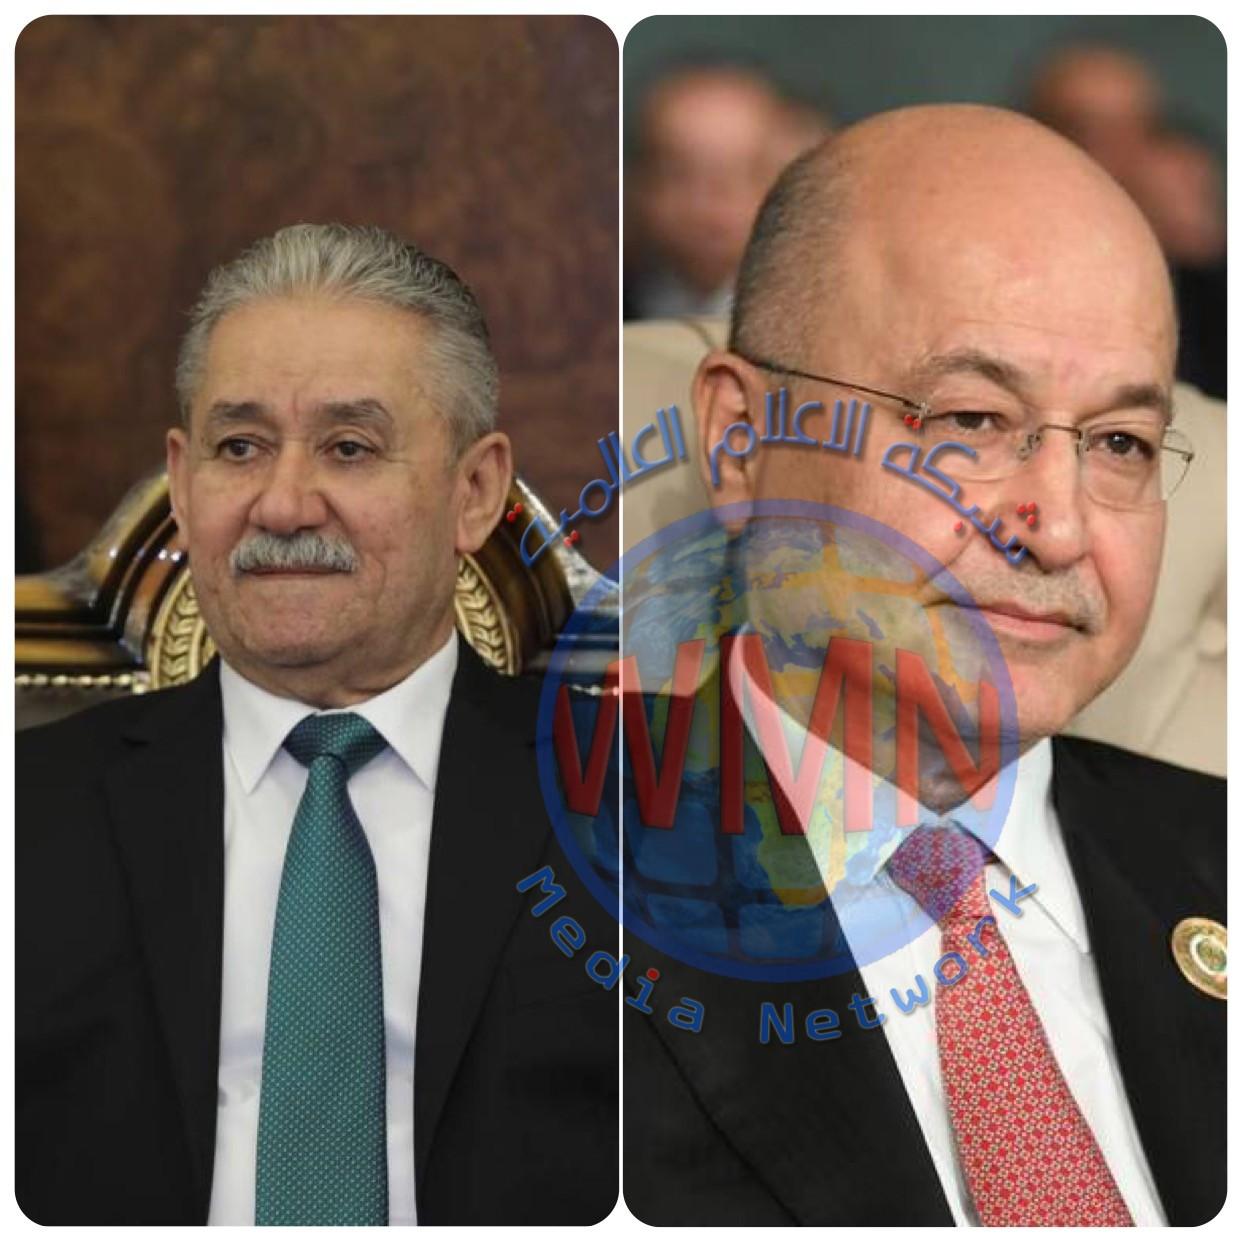 رئيس الجمهورية برهم صالح  يطمئن على صحة الأسدي